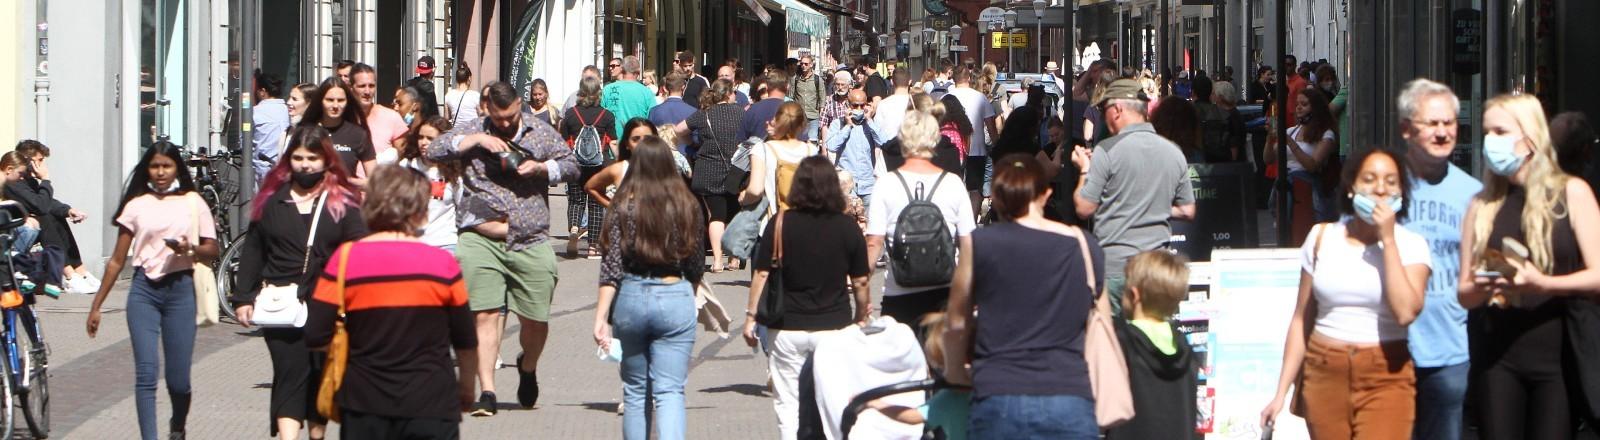 Menschenmasse in einer Fußgängerzone